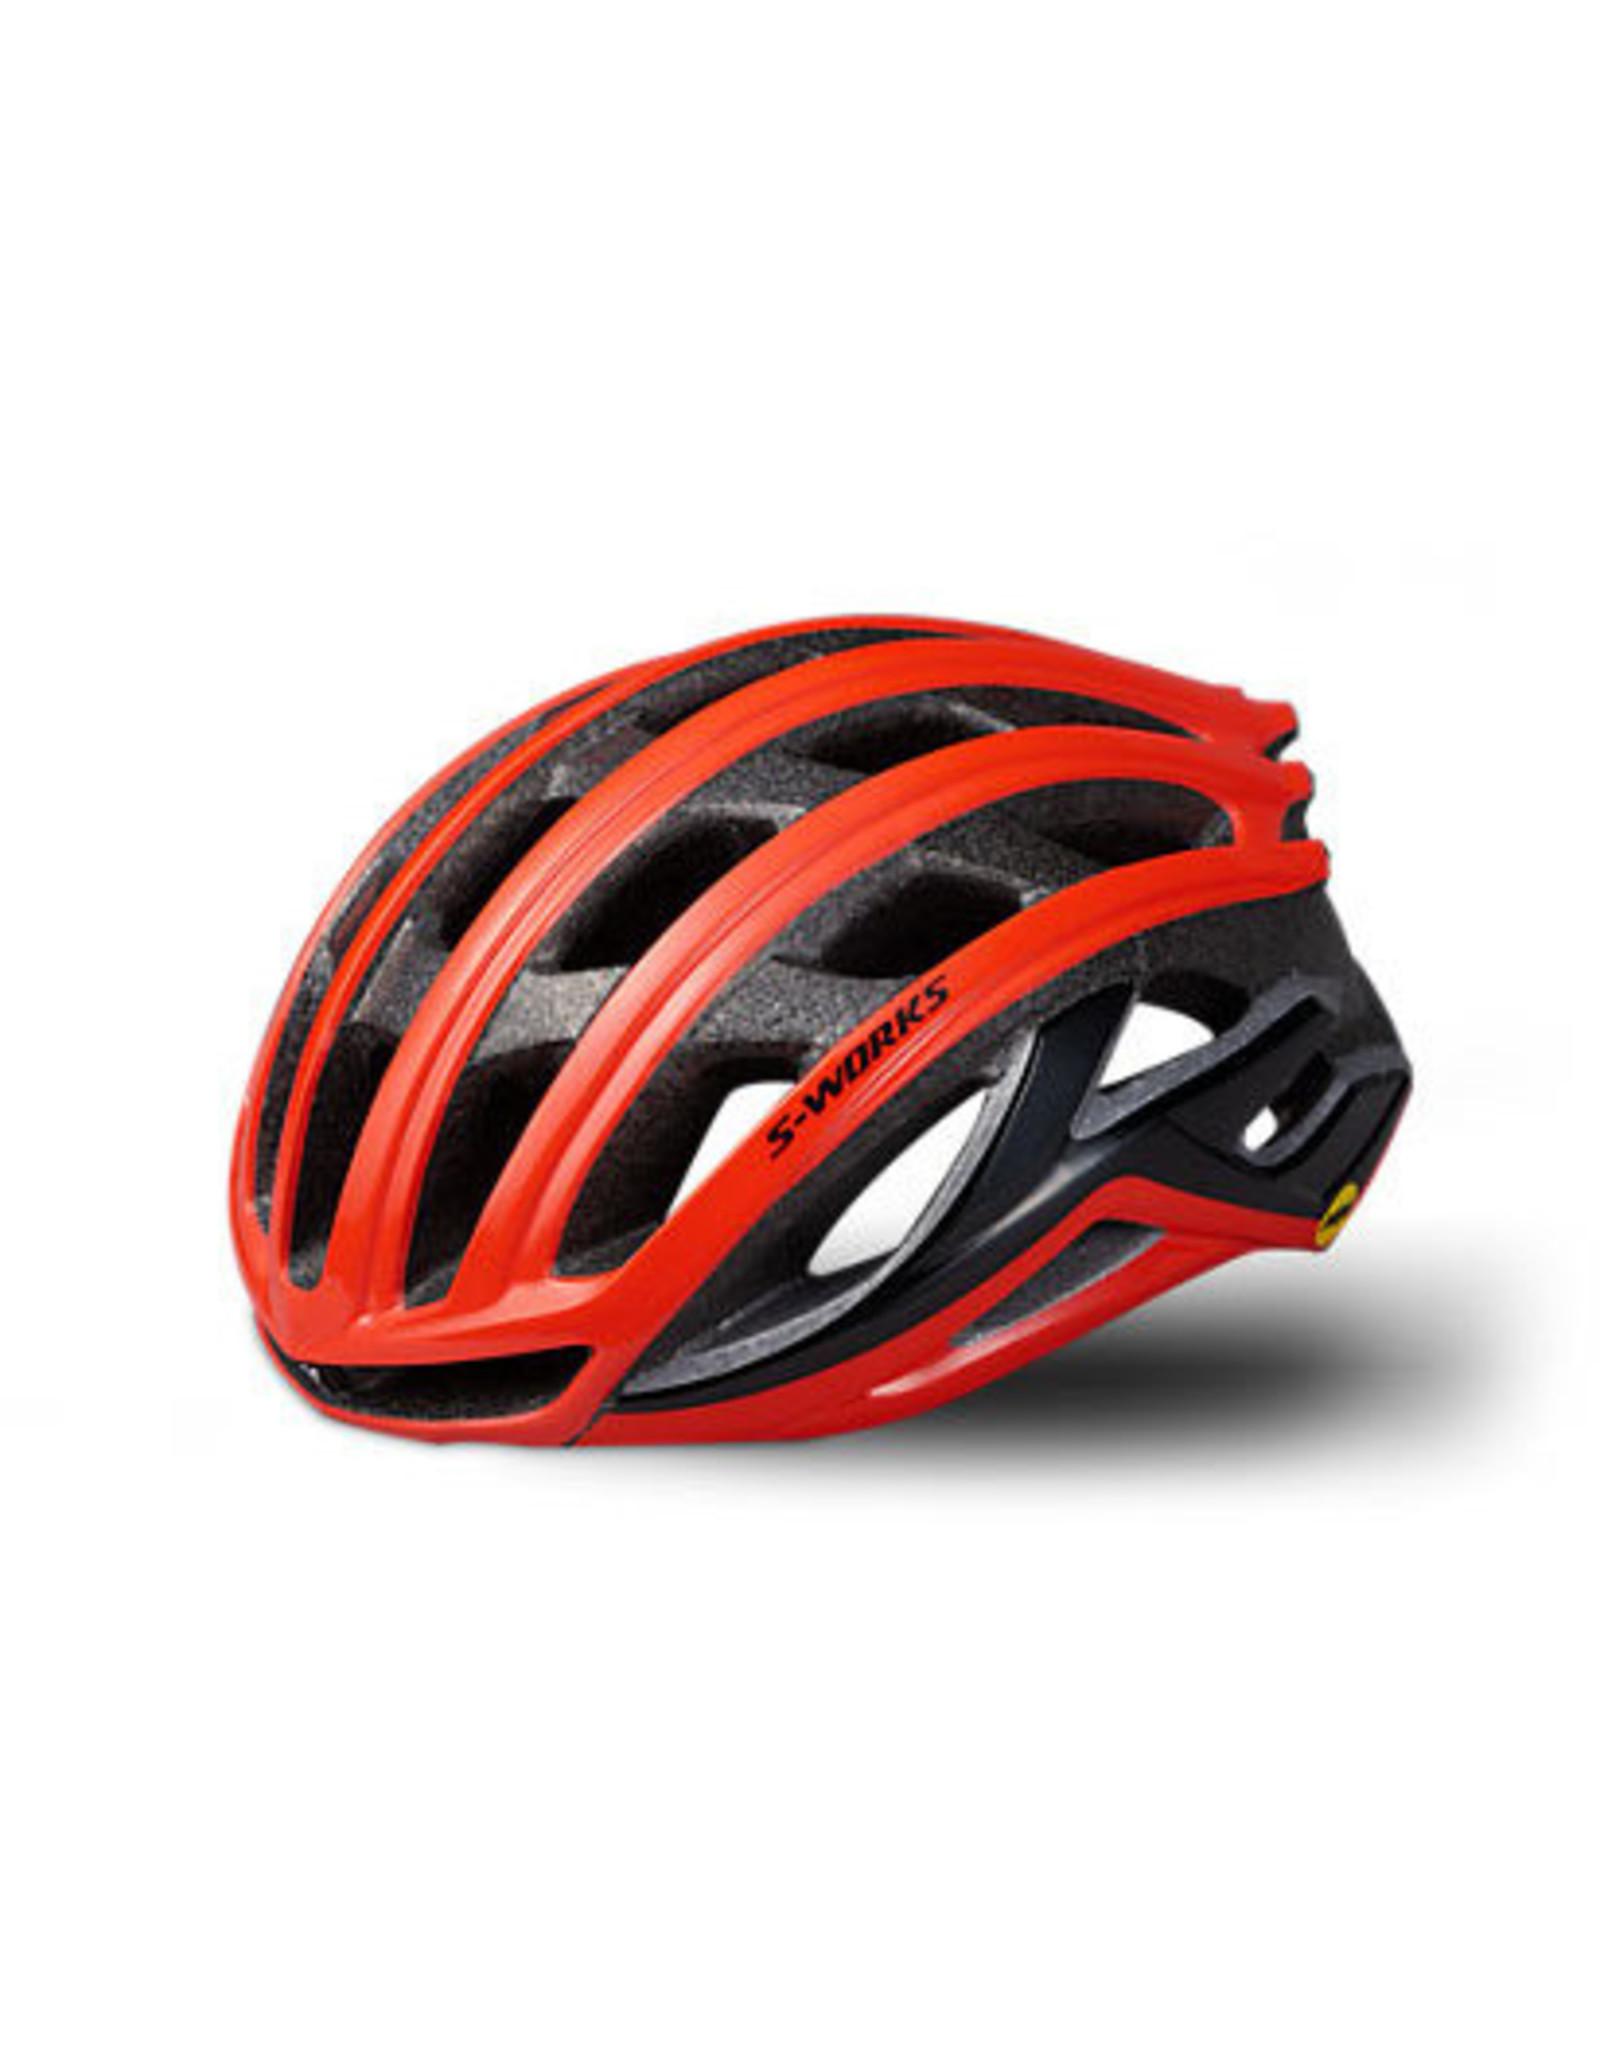 Specialized SPECIALIZED, Prevail II ANGi, Helmet.